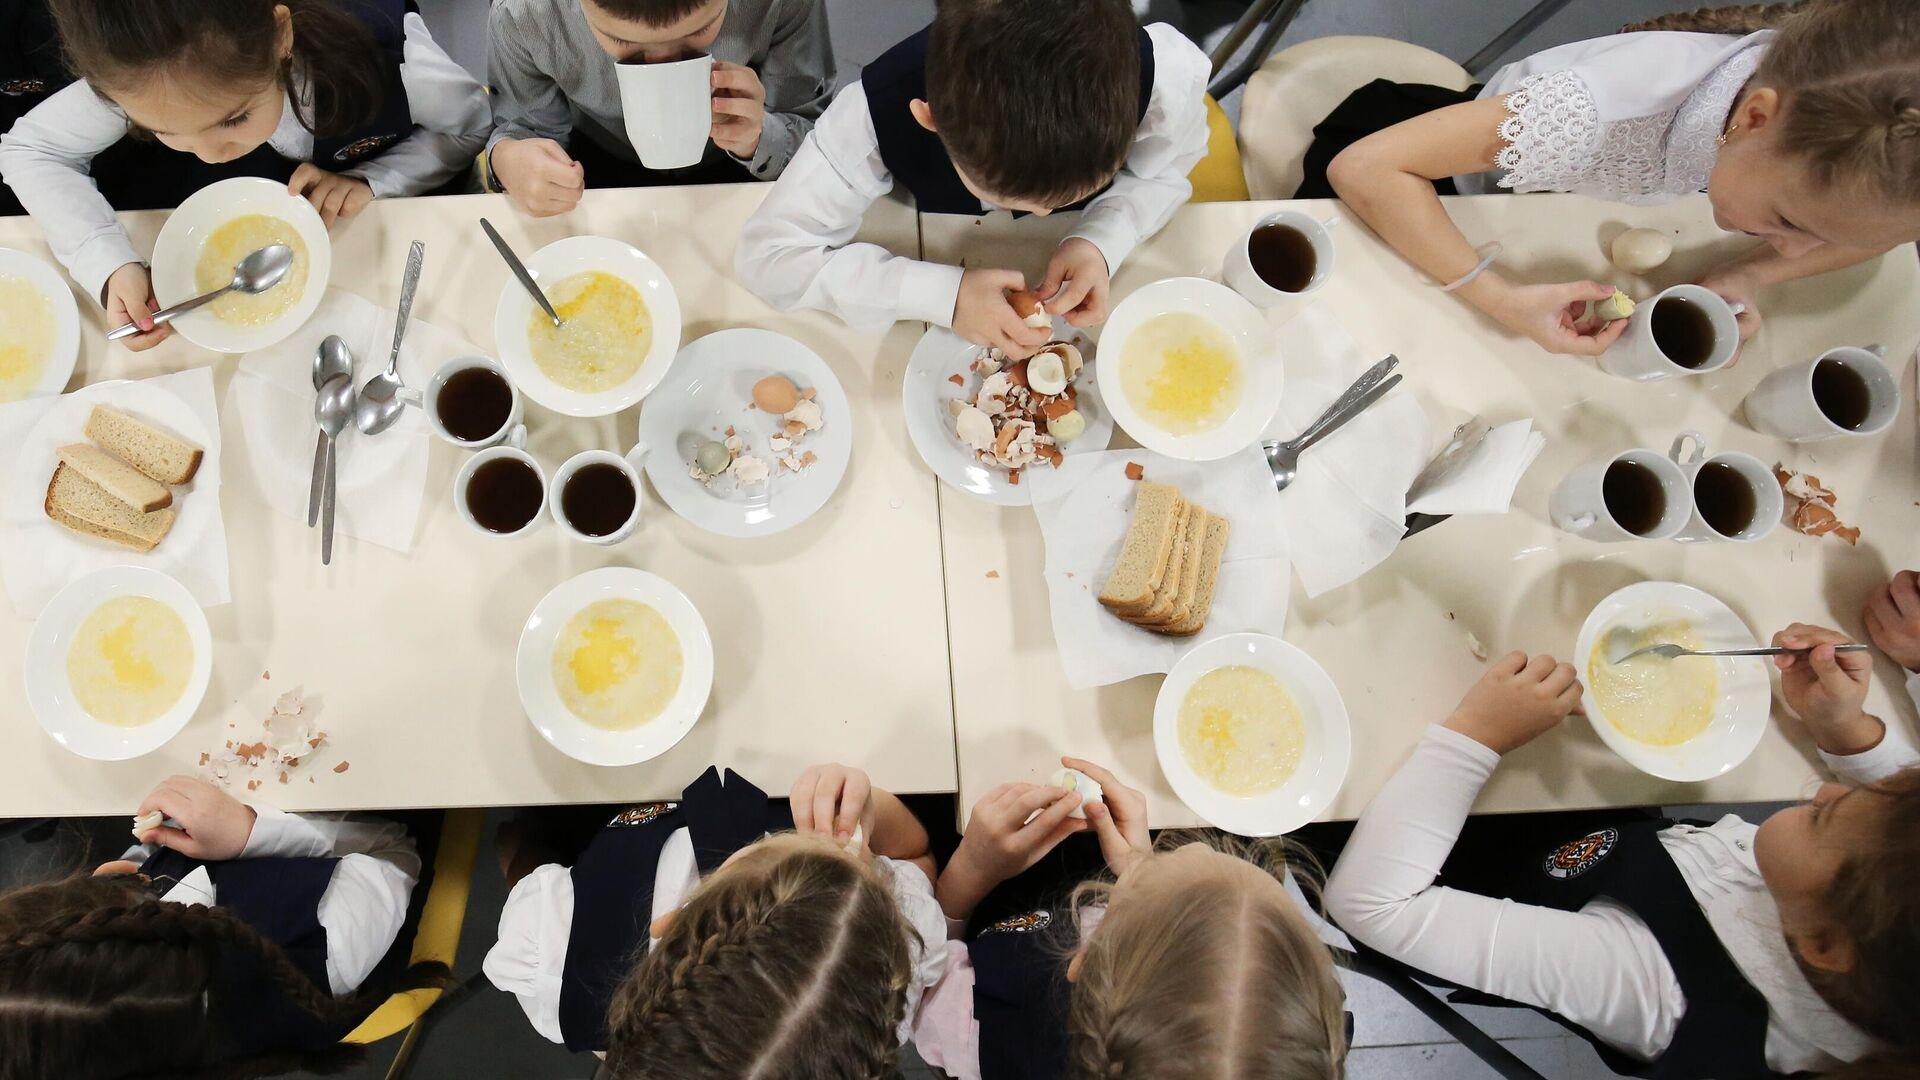 Ученики школы обедают в столовой - РИА Новости, 1920, 01.12.2020